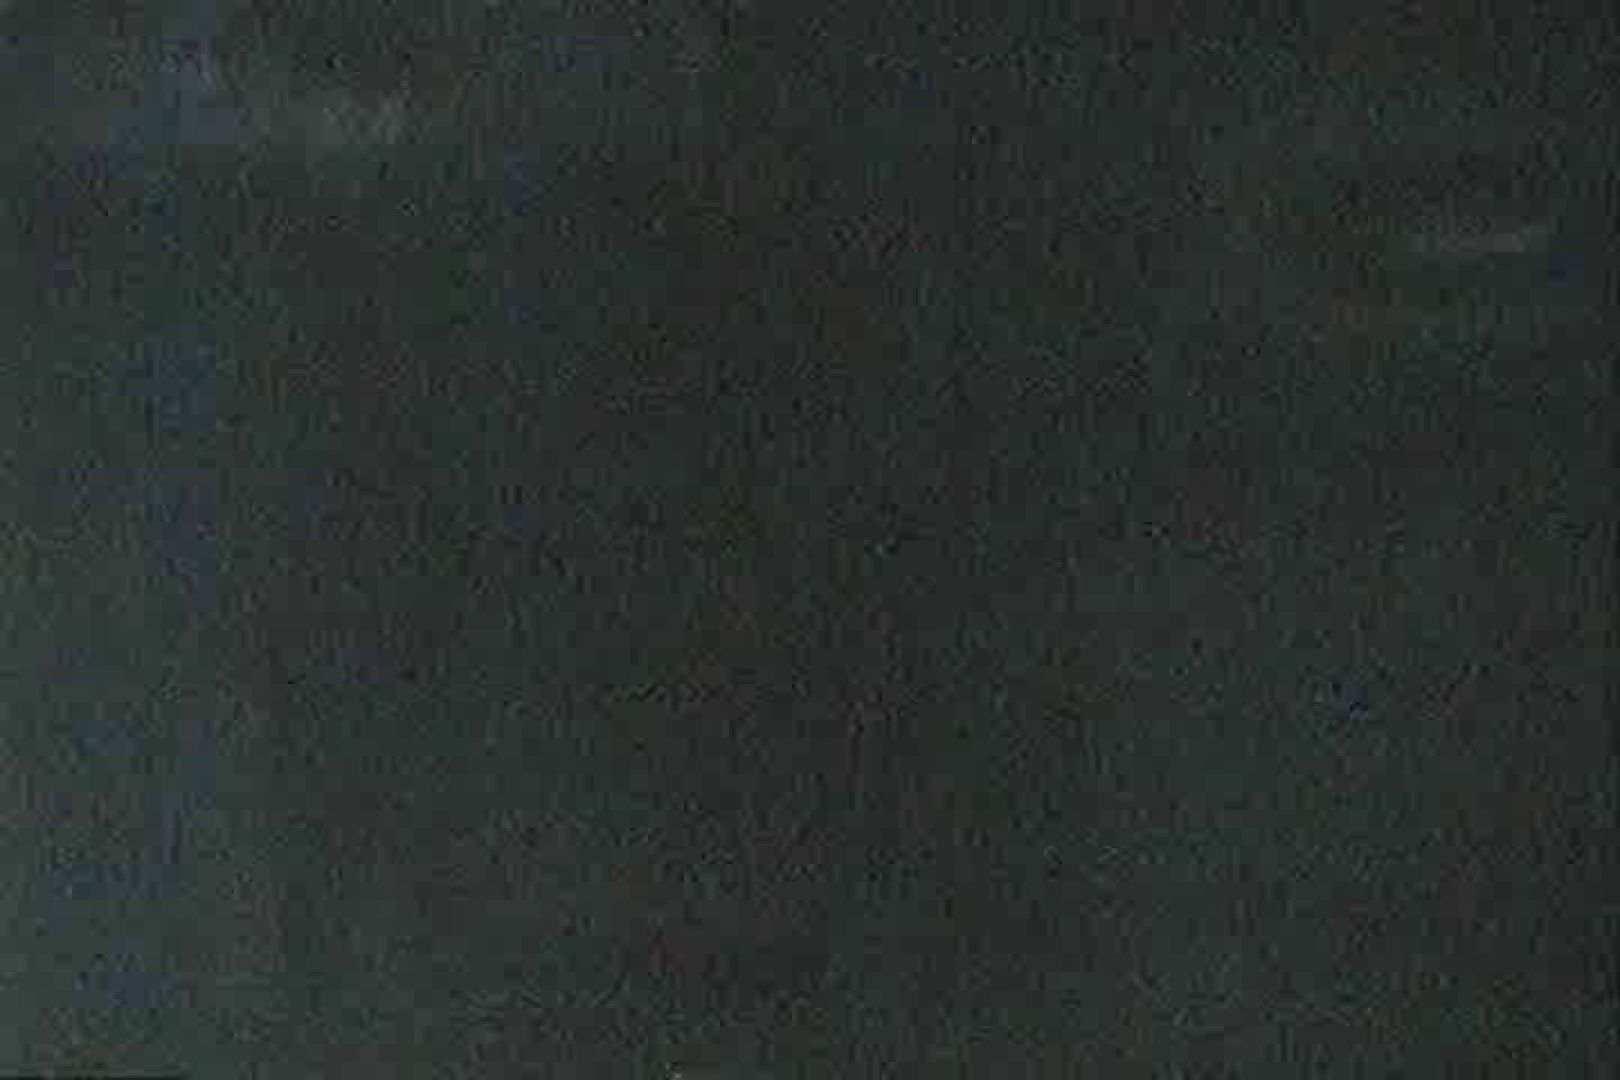 充血監督の深夜の運動会Vol.123 OLの実態 | カップル  27pic 17